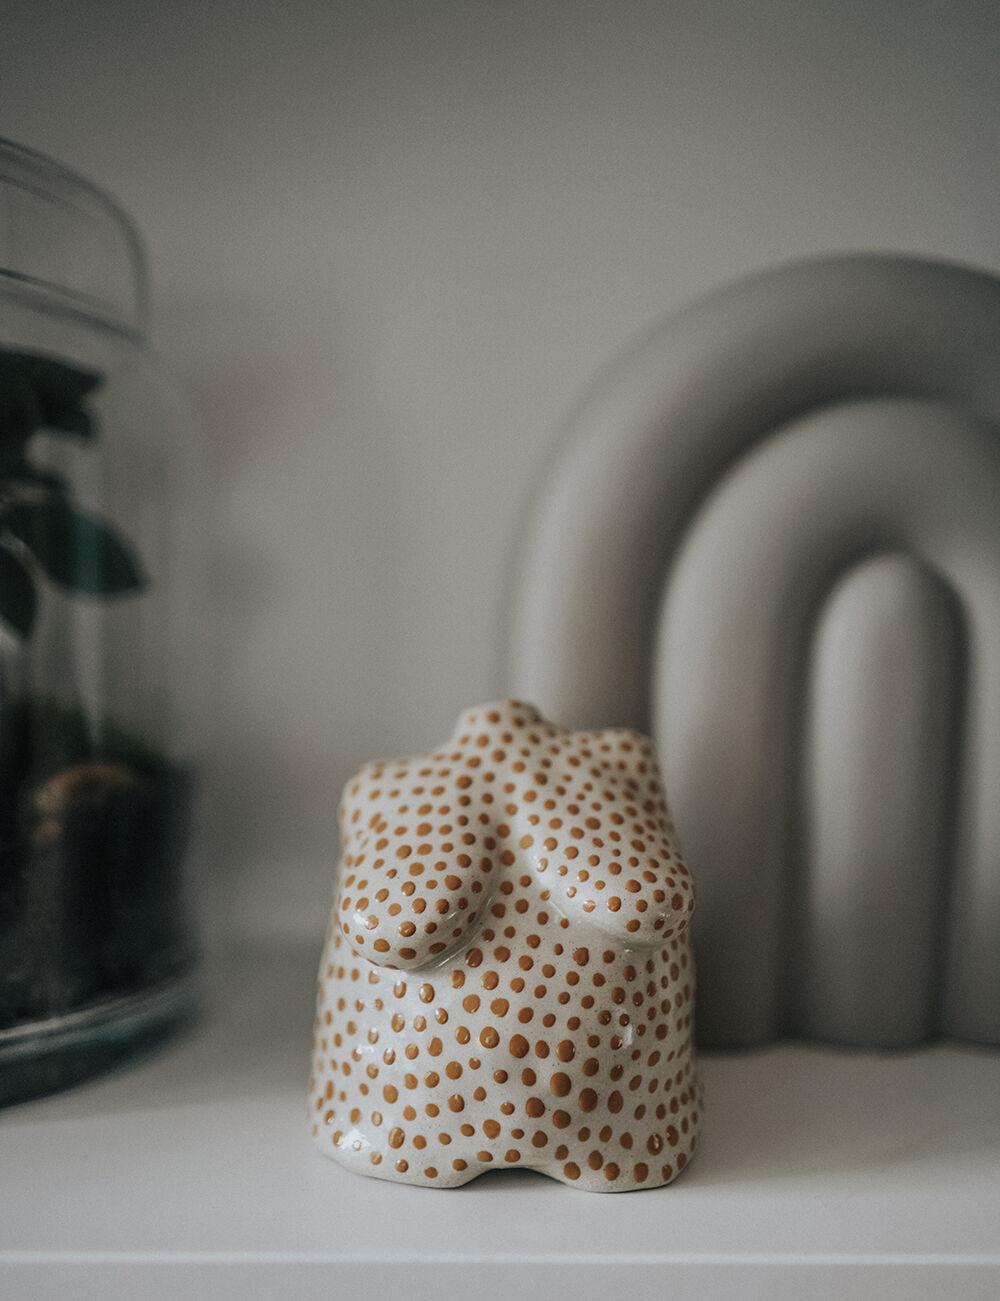 fanny schultz skulptur